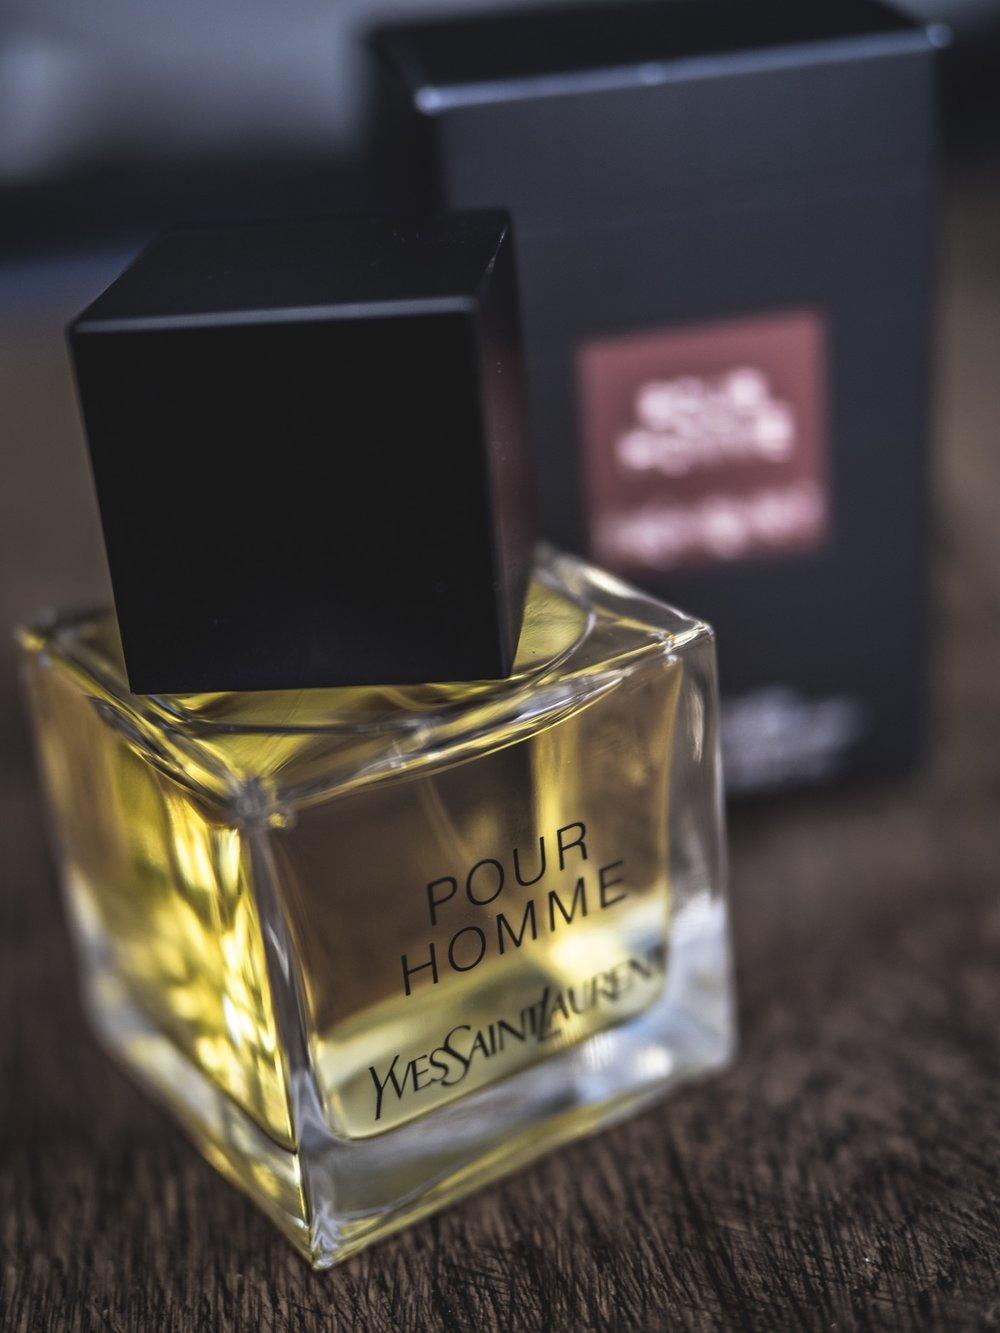 Top 5 Autumn Winter Fragrances for the Colder Weather Yves Saint Laurent Pour Homme